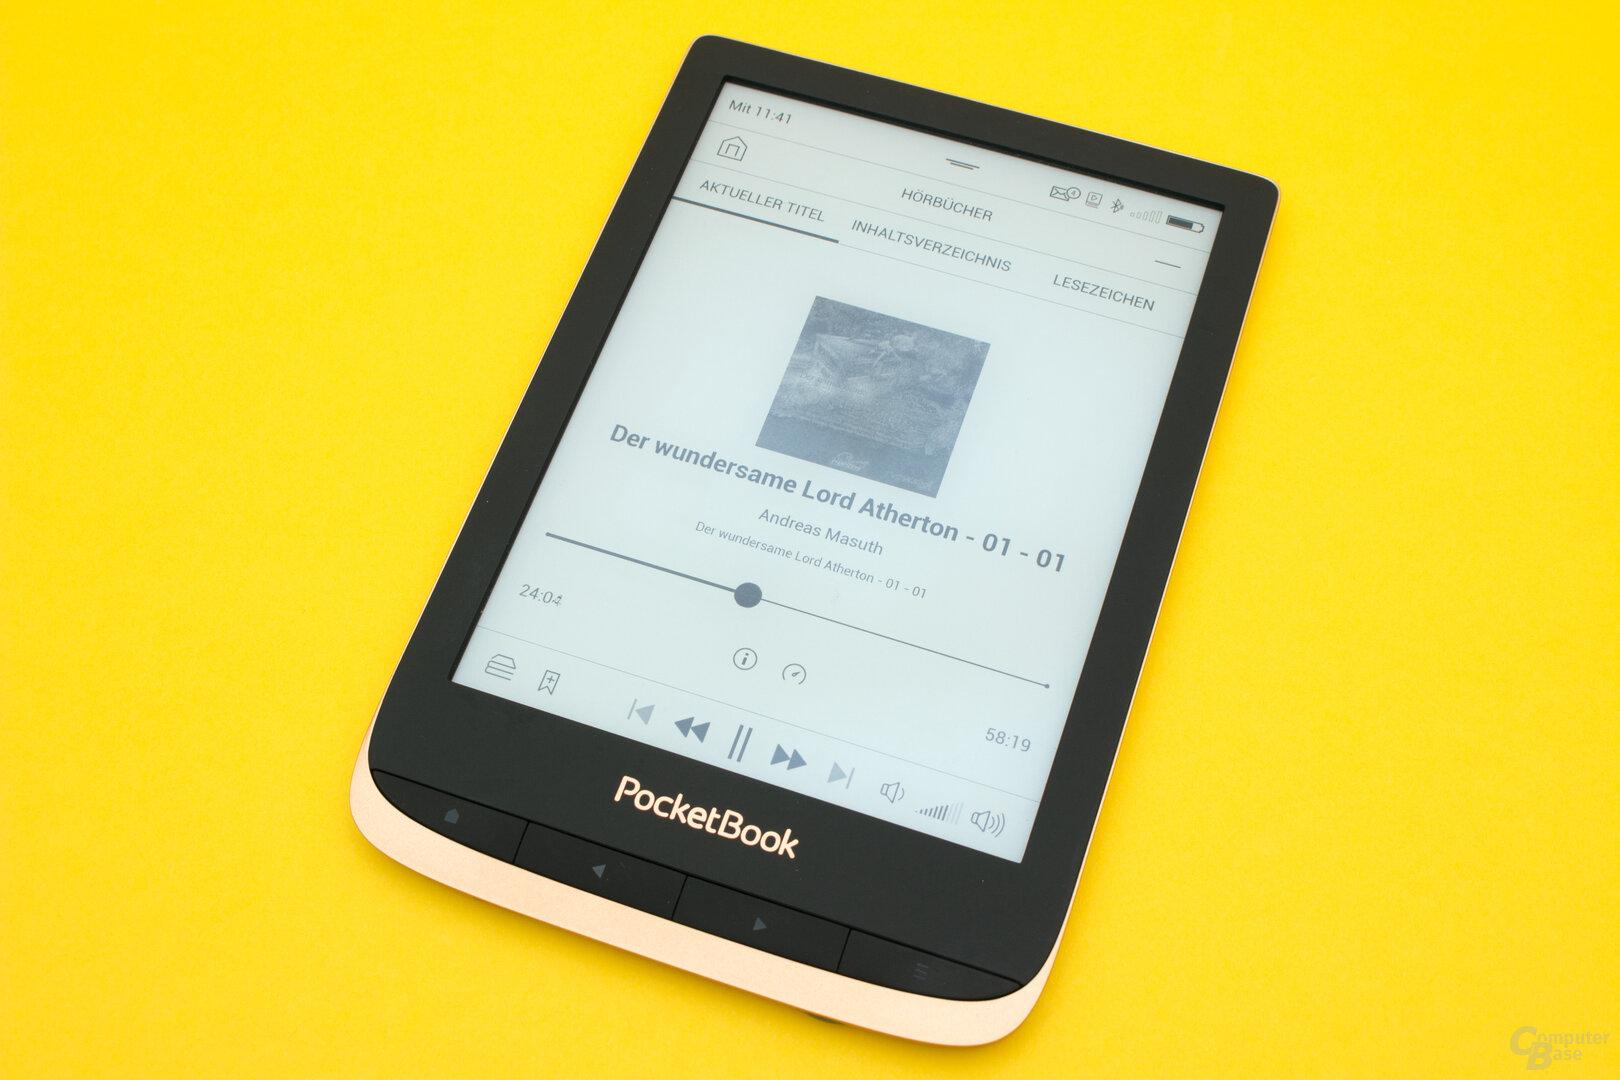 Mit dem speziellen Hörbuch-Player lassen sich entsprechende Inhalte einfacher hören